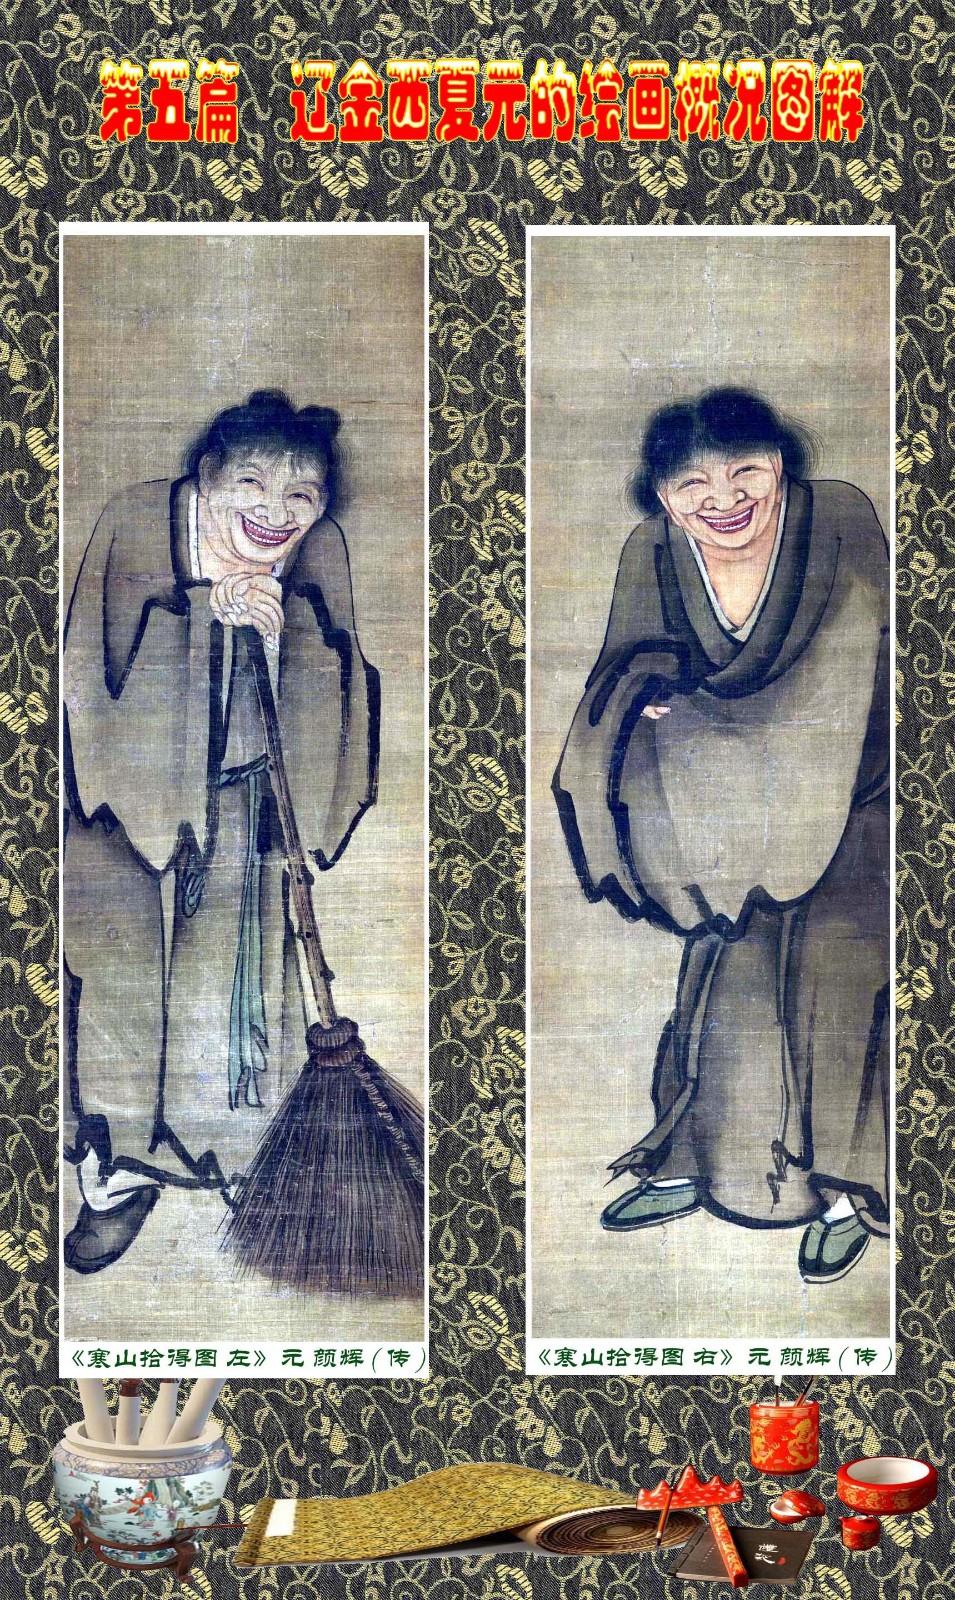 顾绍骅编辑 中国画知识普及版 第五篇 辽金西夏元的绘画概况 下 ... ..._图1-38